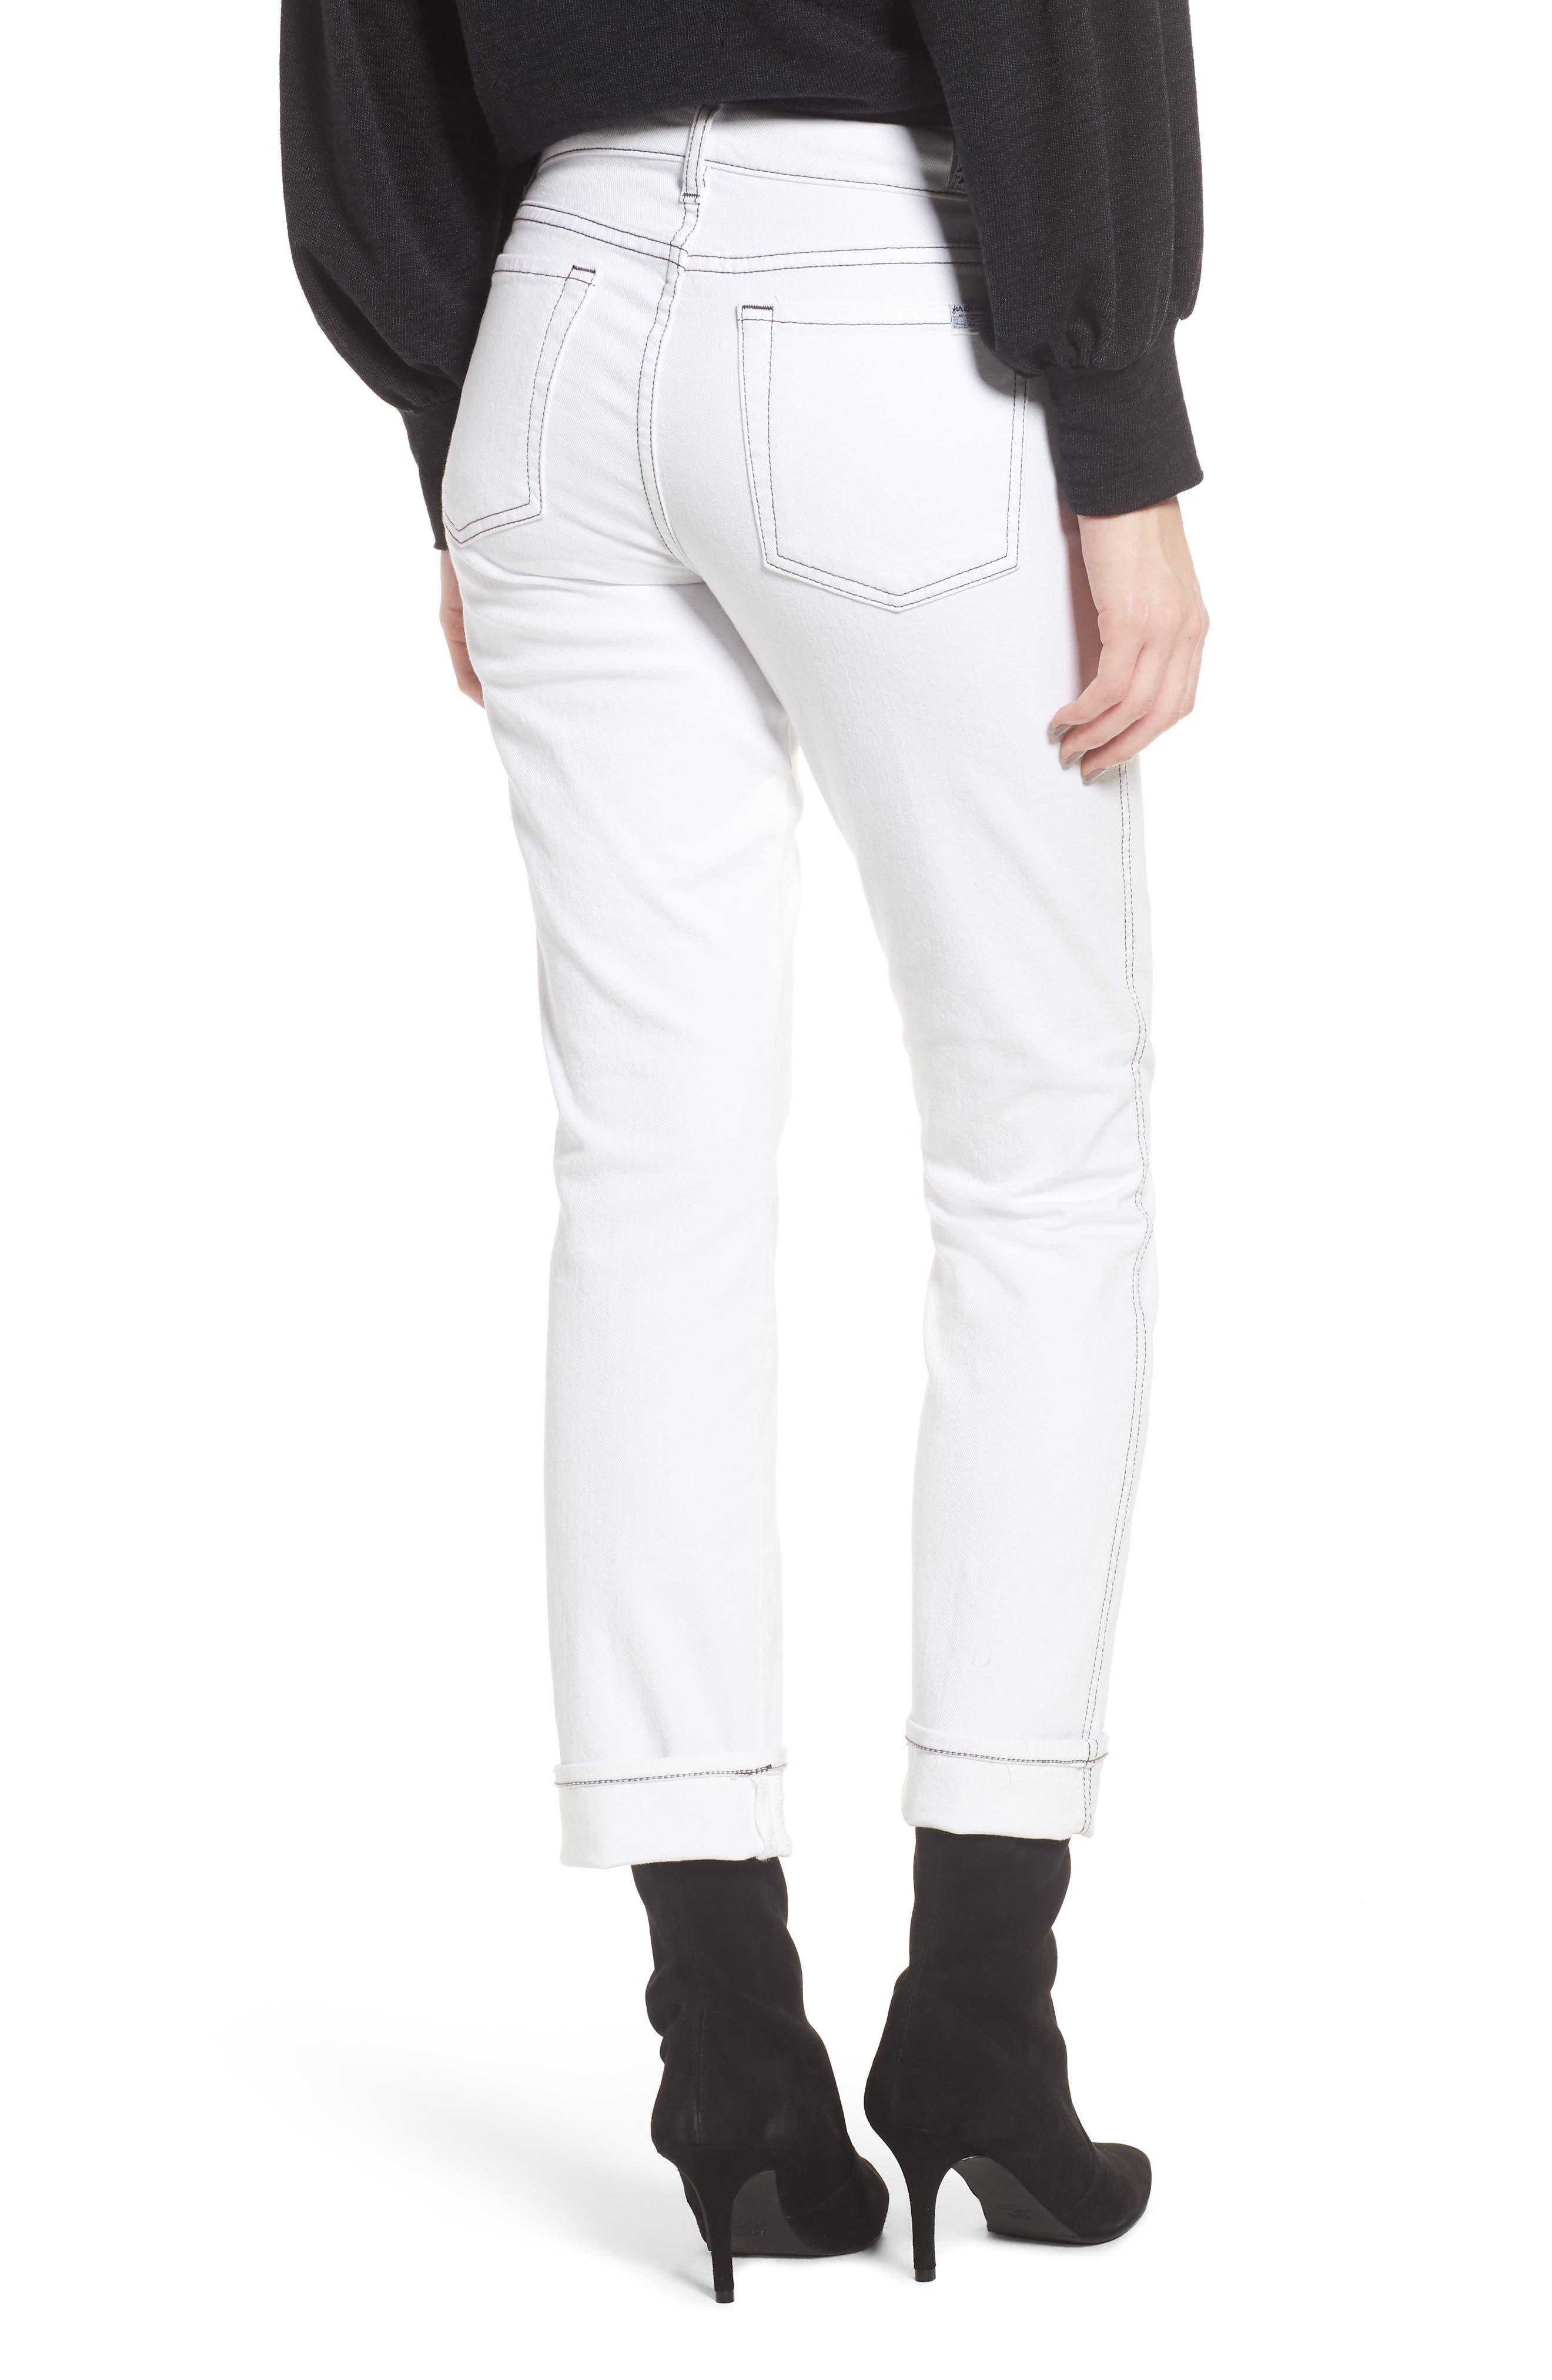 Dylan Print Cuff Straight Leg Jeans,                             Alternate thumbnail 2, color,                             White Fashion W/ Black Print